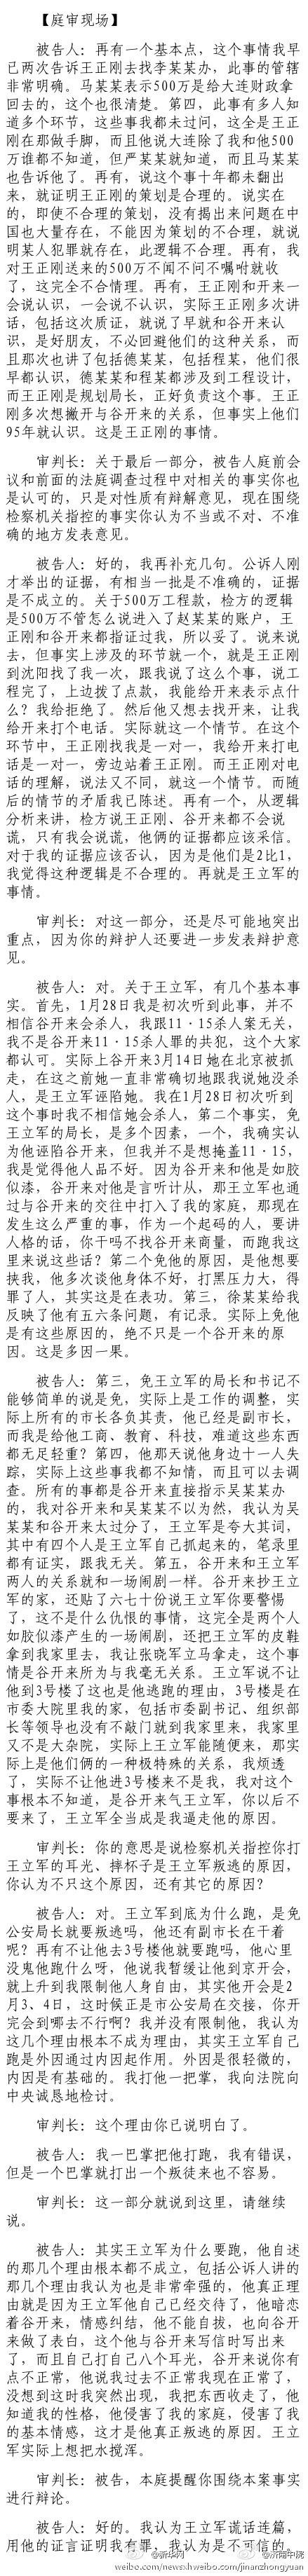 薄熙来案26日第四份庭审实录